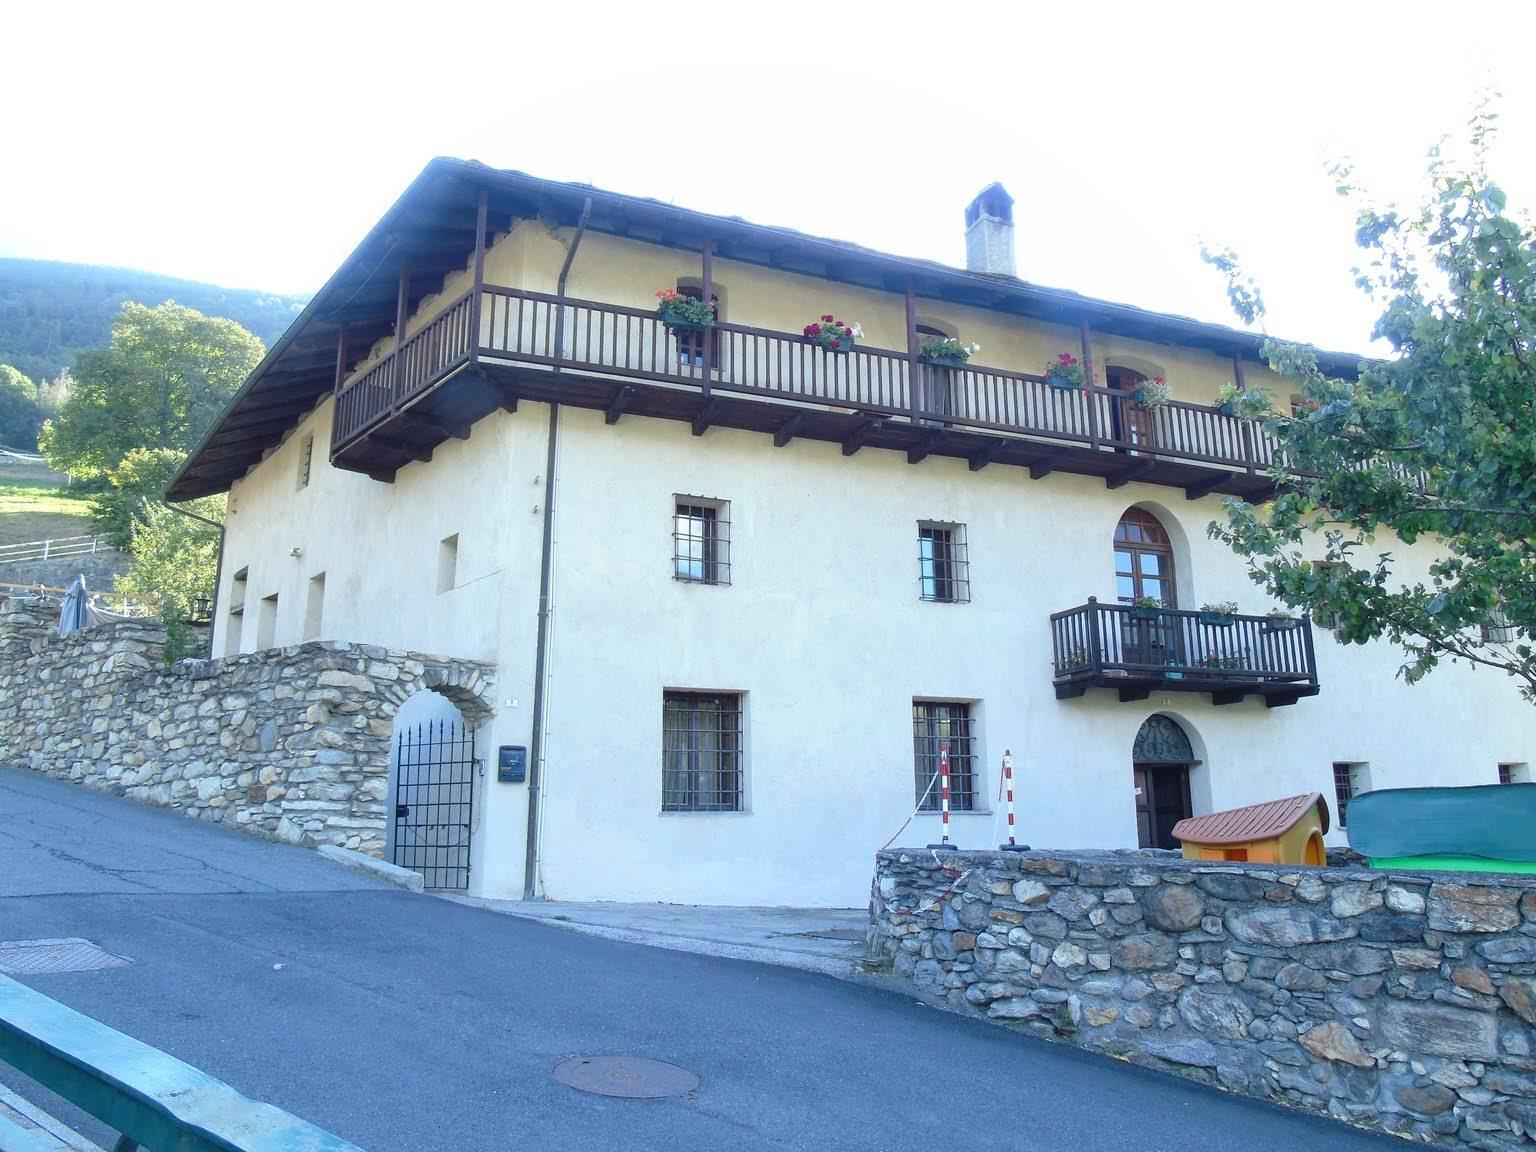 Appartamento in vendita a Roisan, 5 locali, prezzo € 164.000 | PortaleAgenzieImmobiliari.it